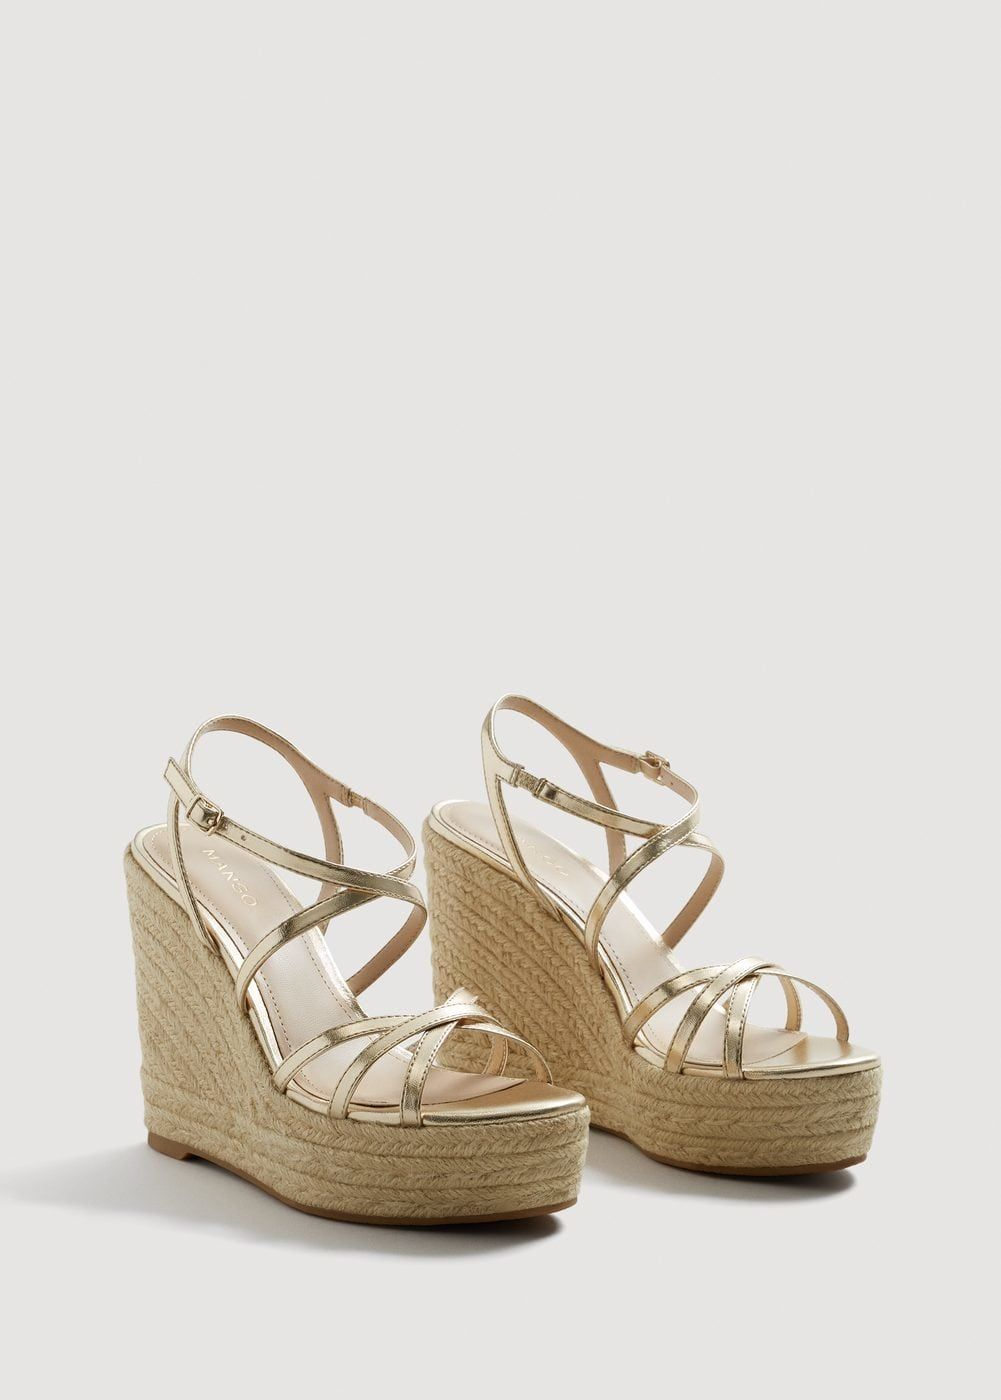 Mas Cuña Zapatos Cruzada Sandalia MujerY De 0Omv8Nnw